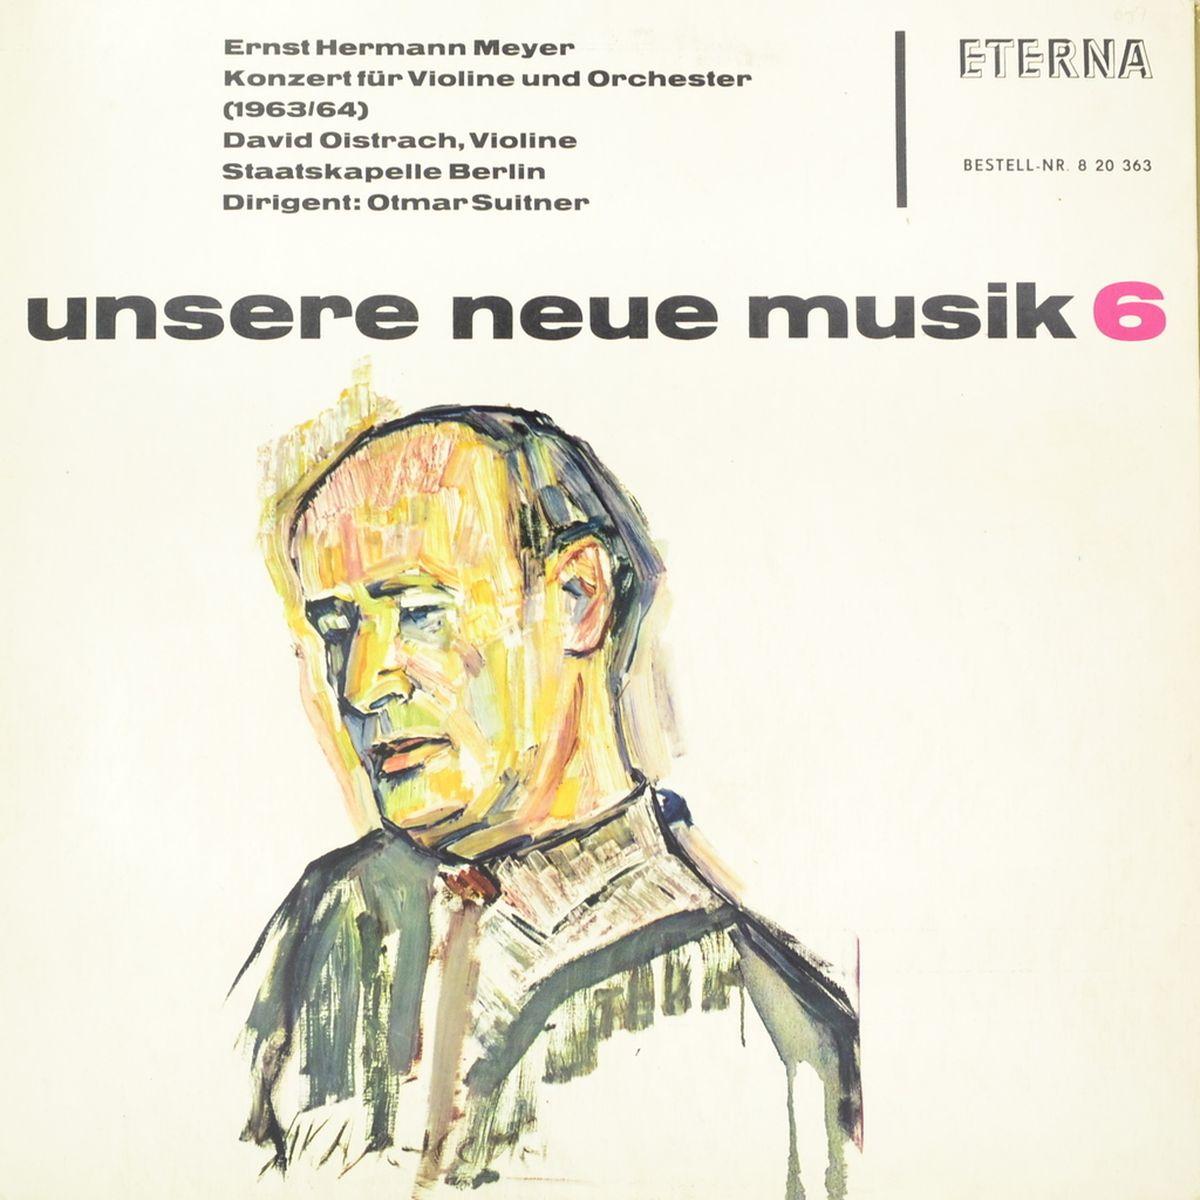 Ernst Hermann Meyer - David Oistrach, Staatskapelle Berlin, Otmar Suitner – Konzert Fur Violine Und Orchester (LP)